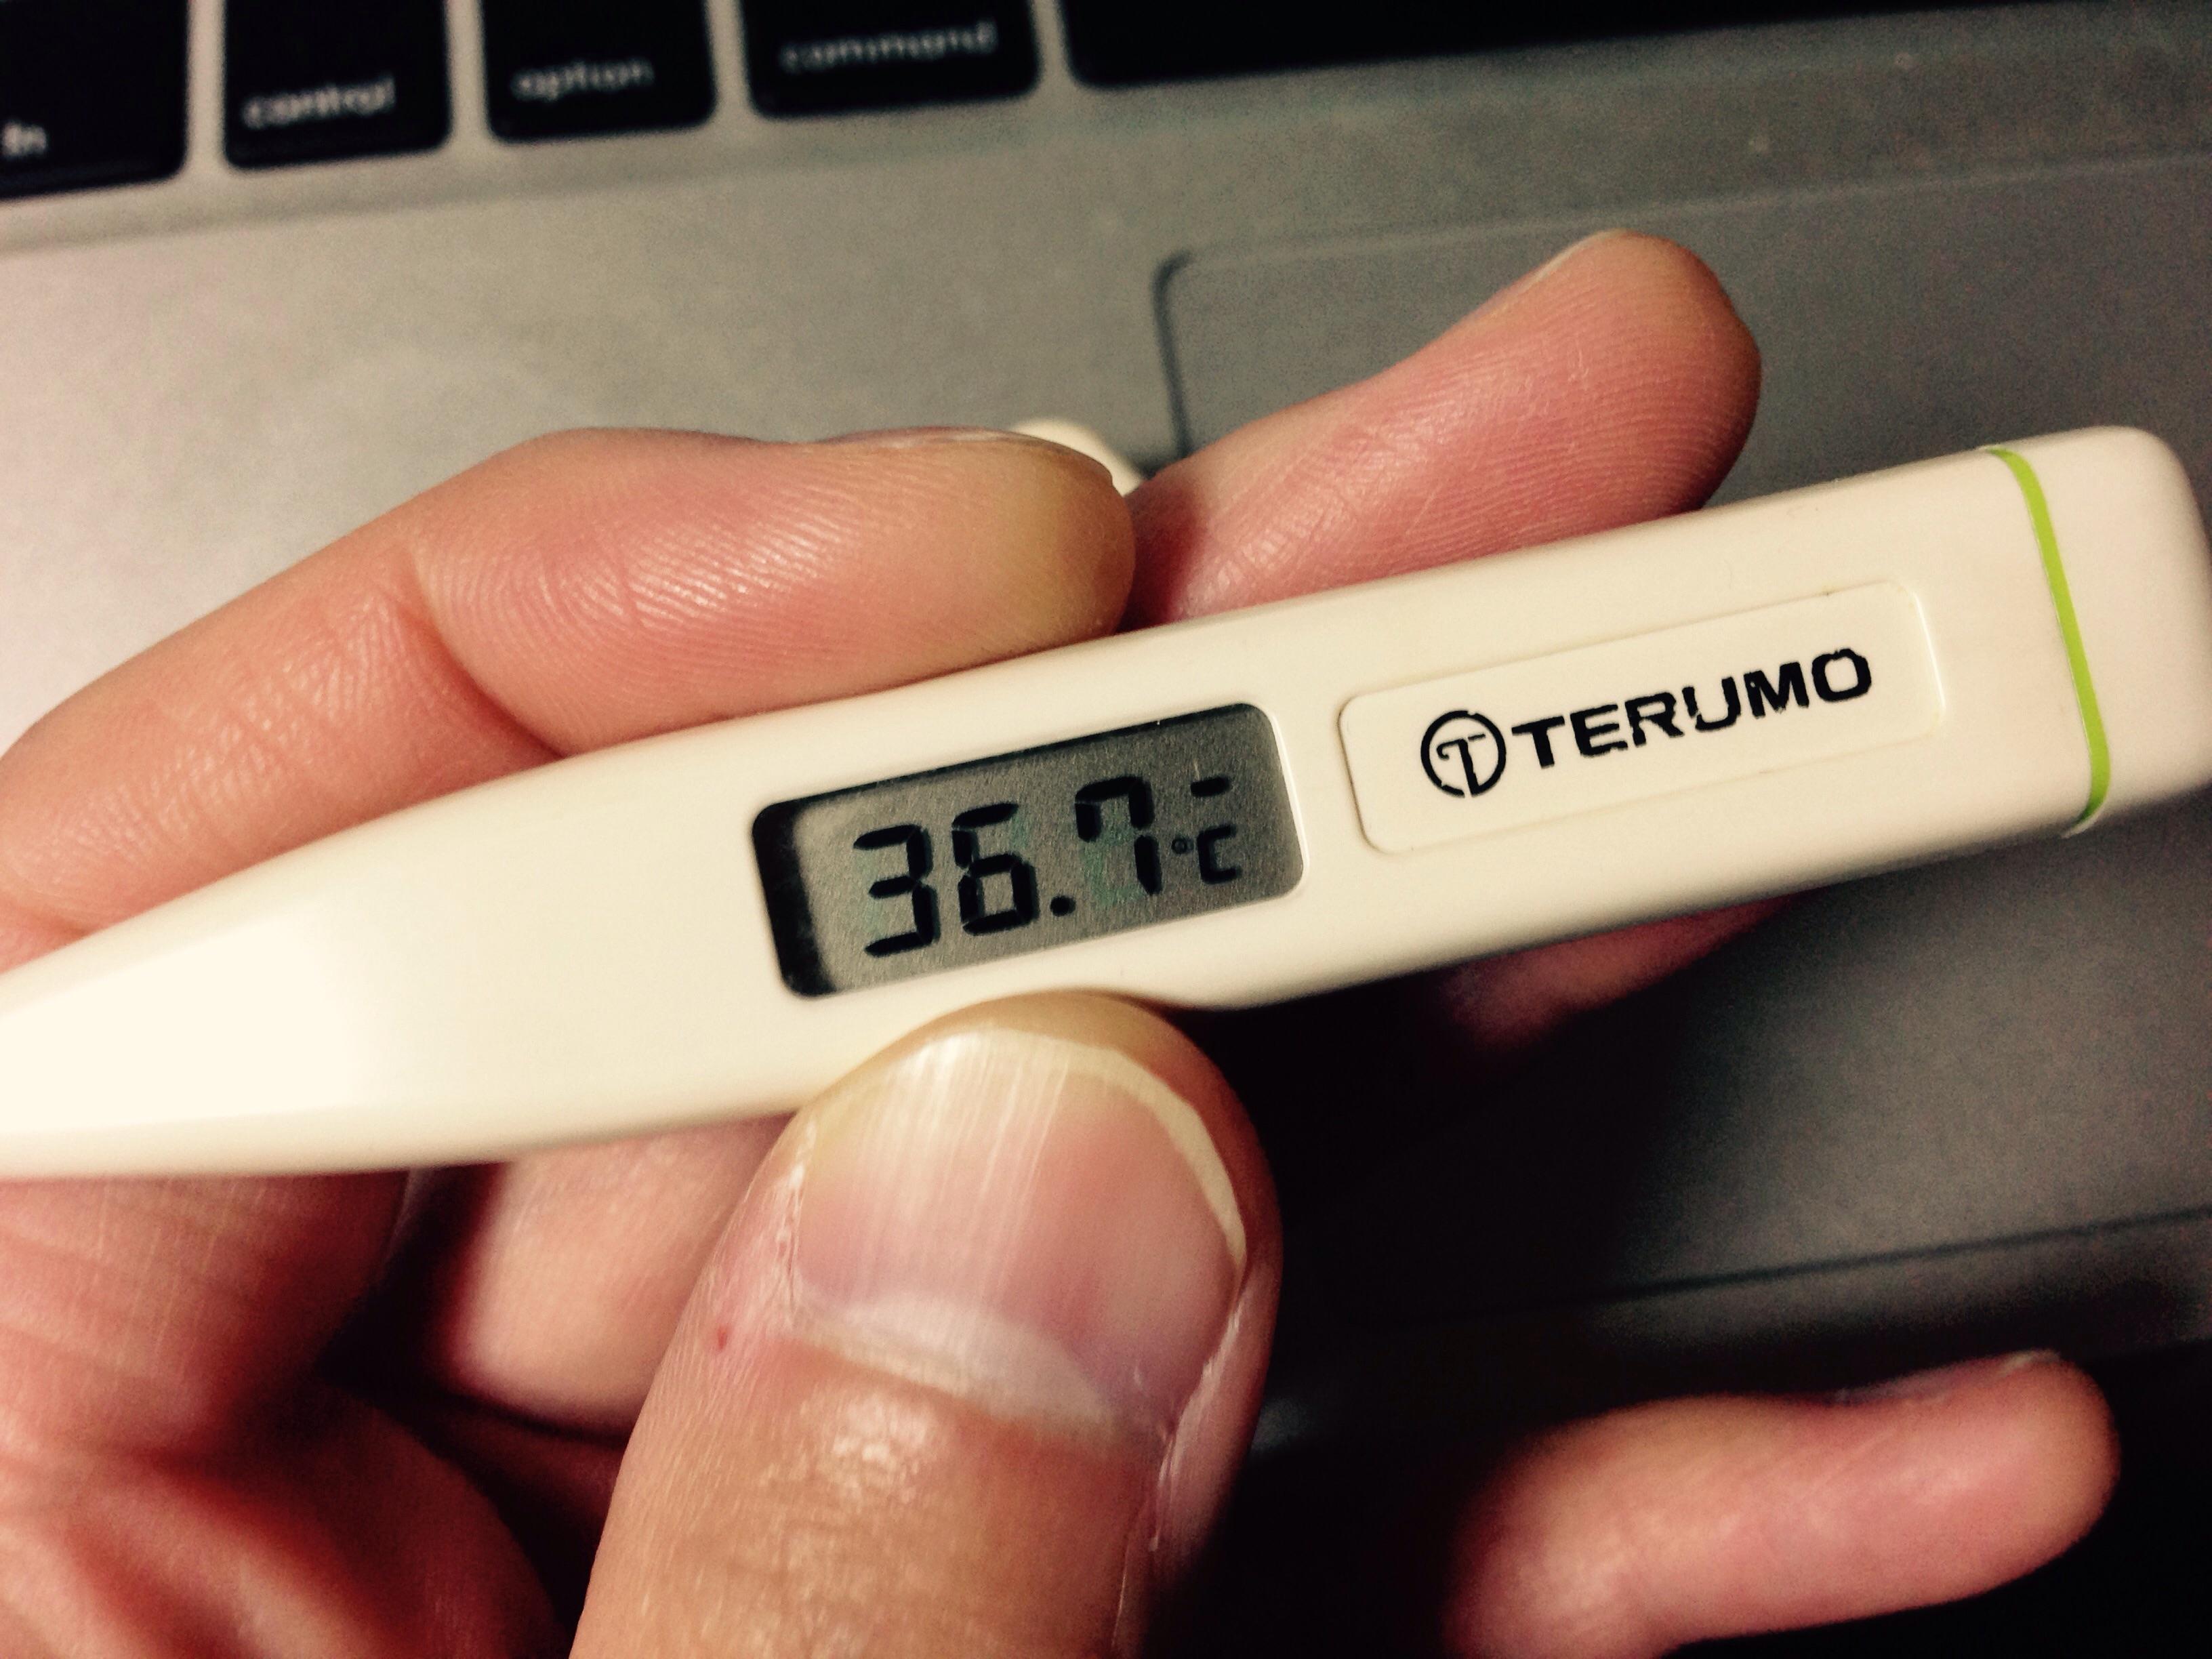 熱はないぞ♪